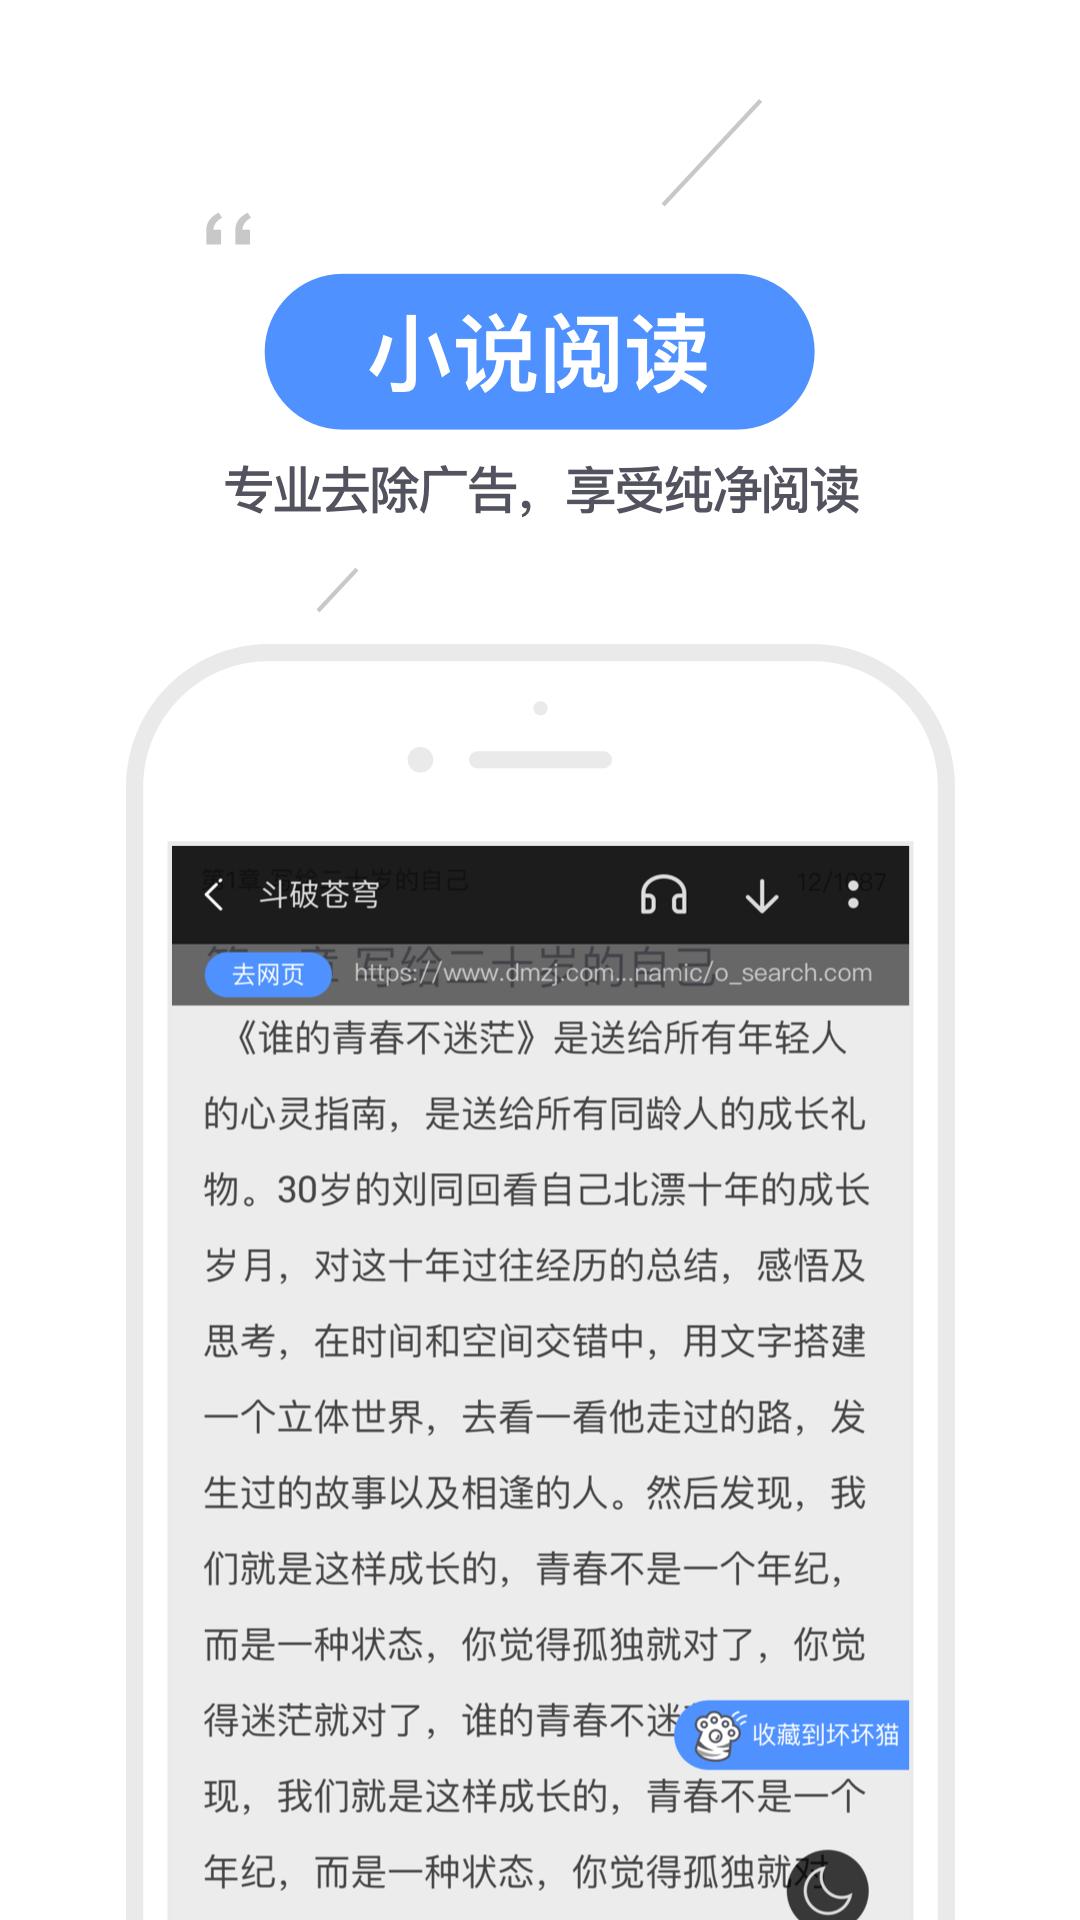 坏坏猫搜索1.3.3版安卓版最新下载